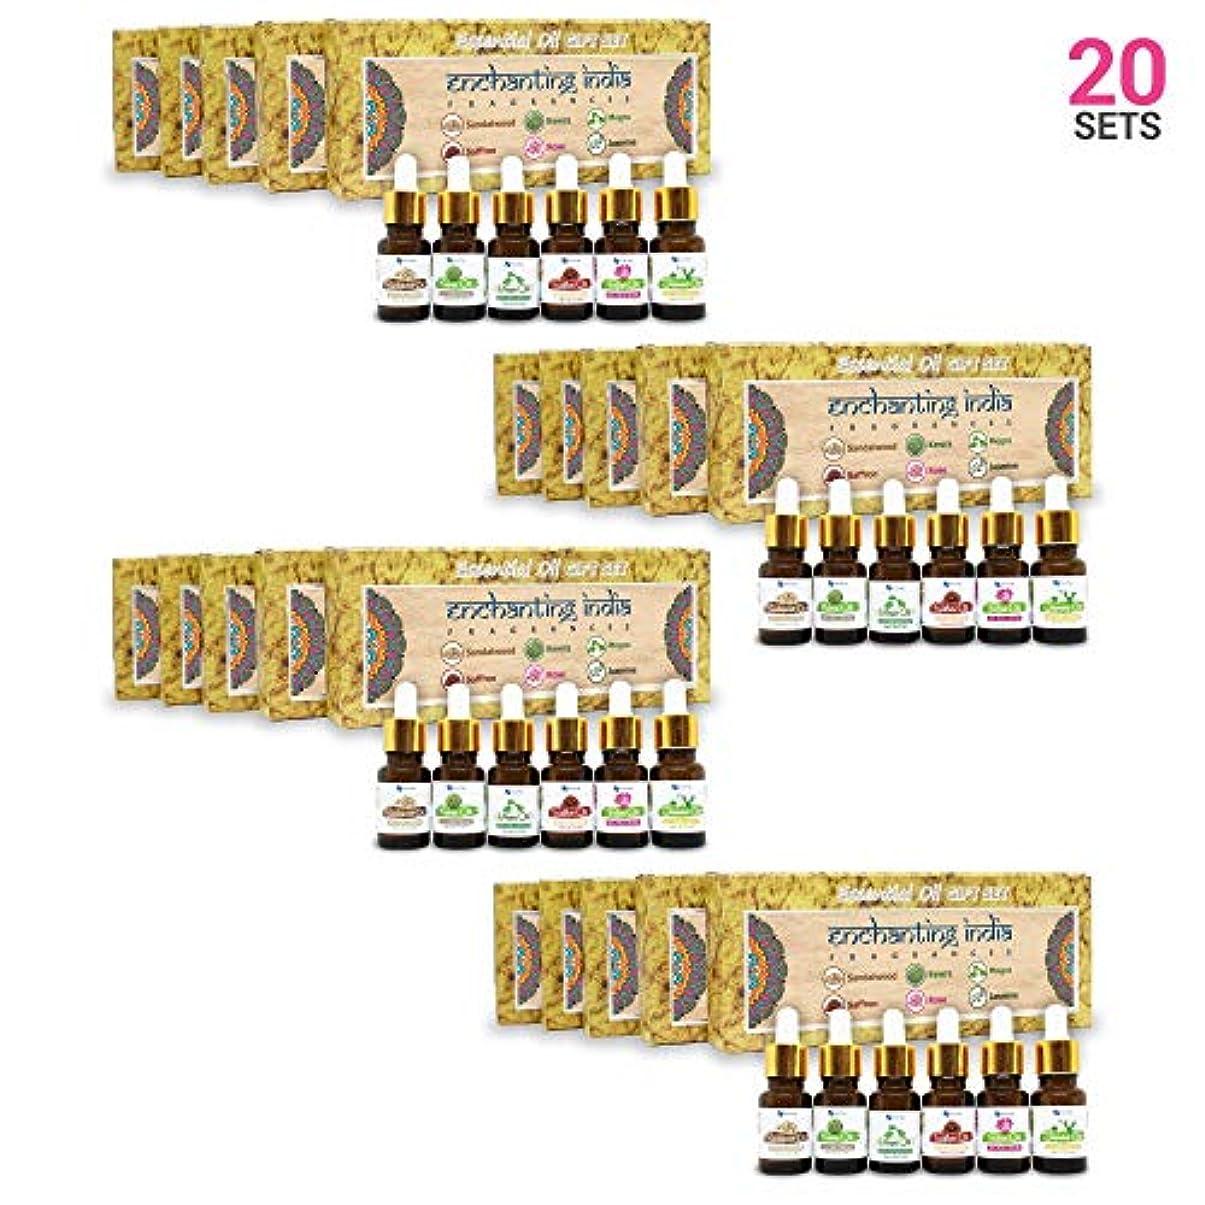 不潔世界の窓止まるAromatherapy Fragrance Oils (Set of 20) - 100% Pure & Natural Therapeutic Essential Oils, 10ml each (Sandalwood...